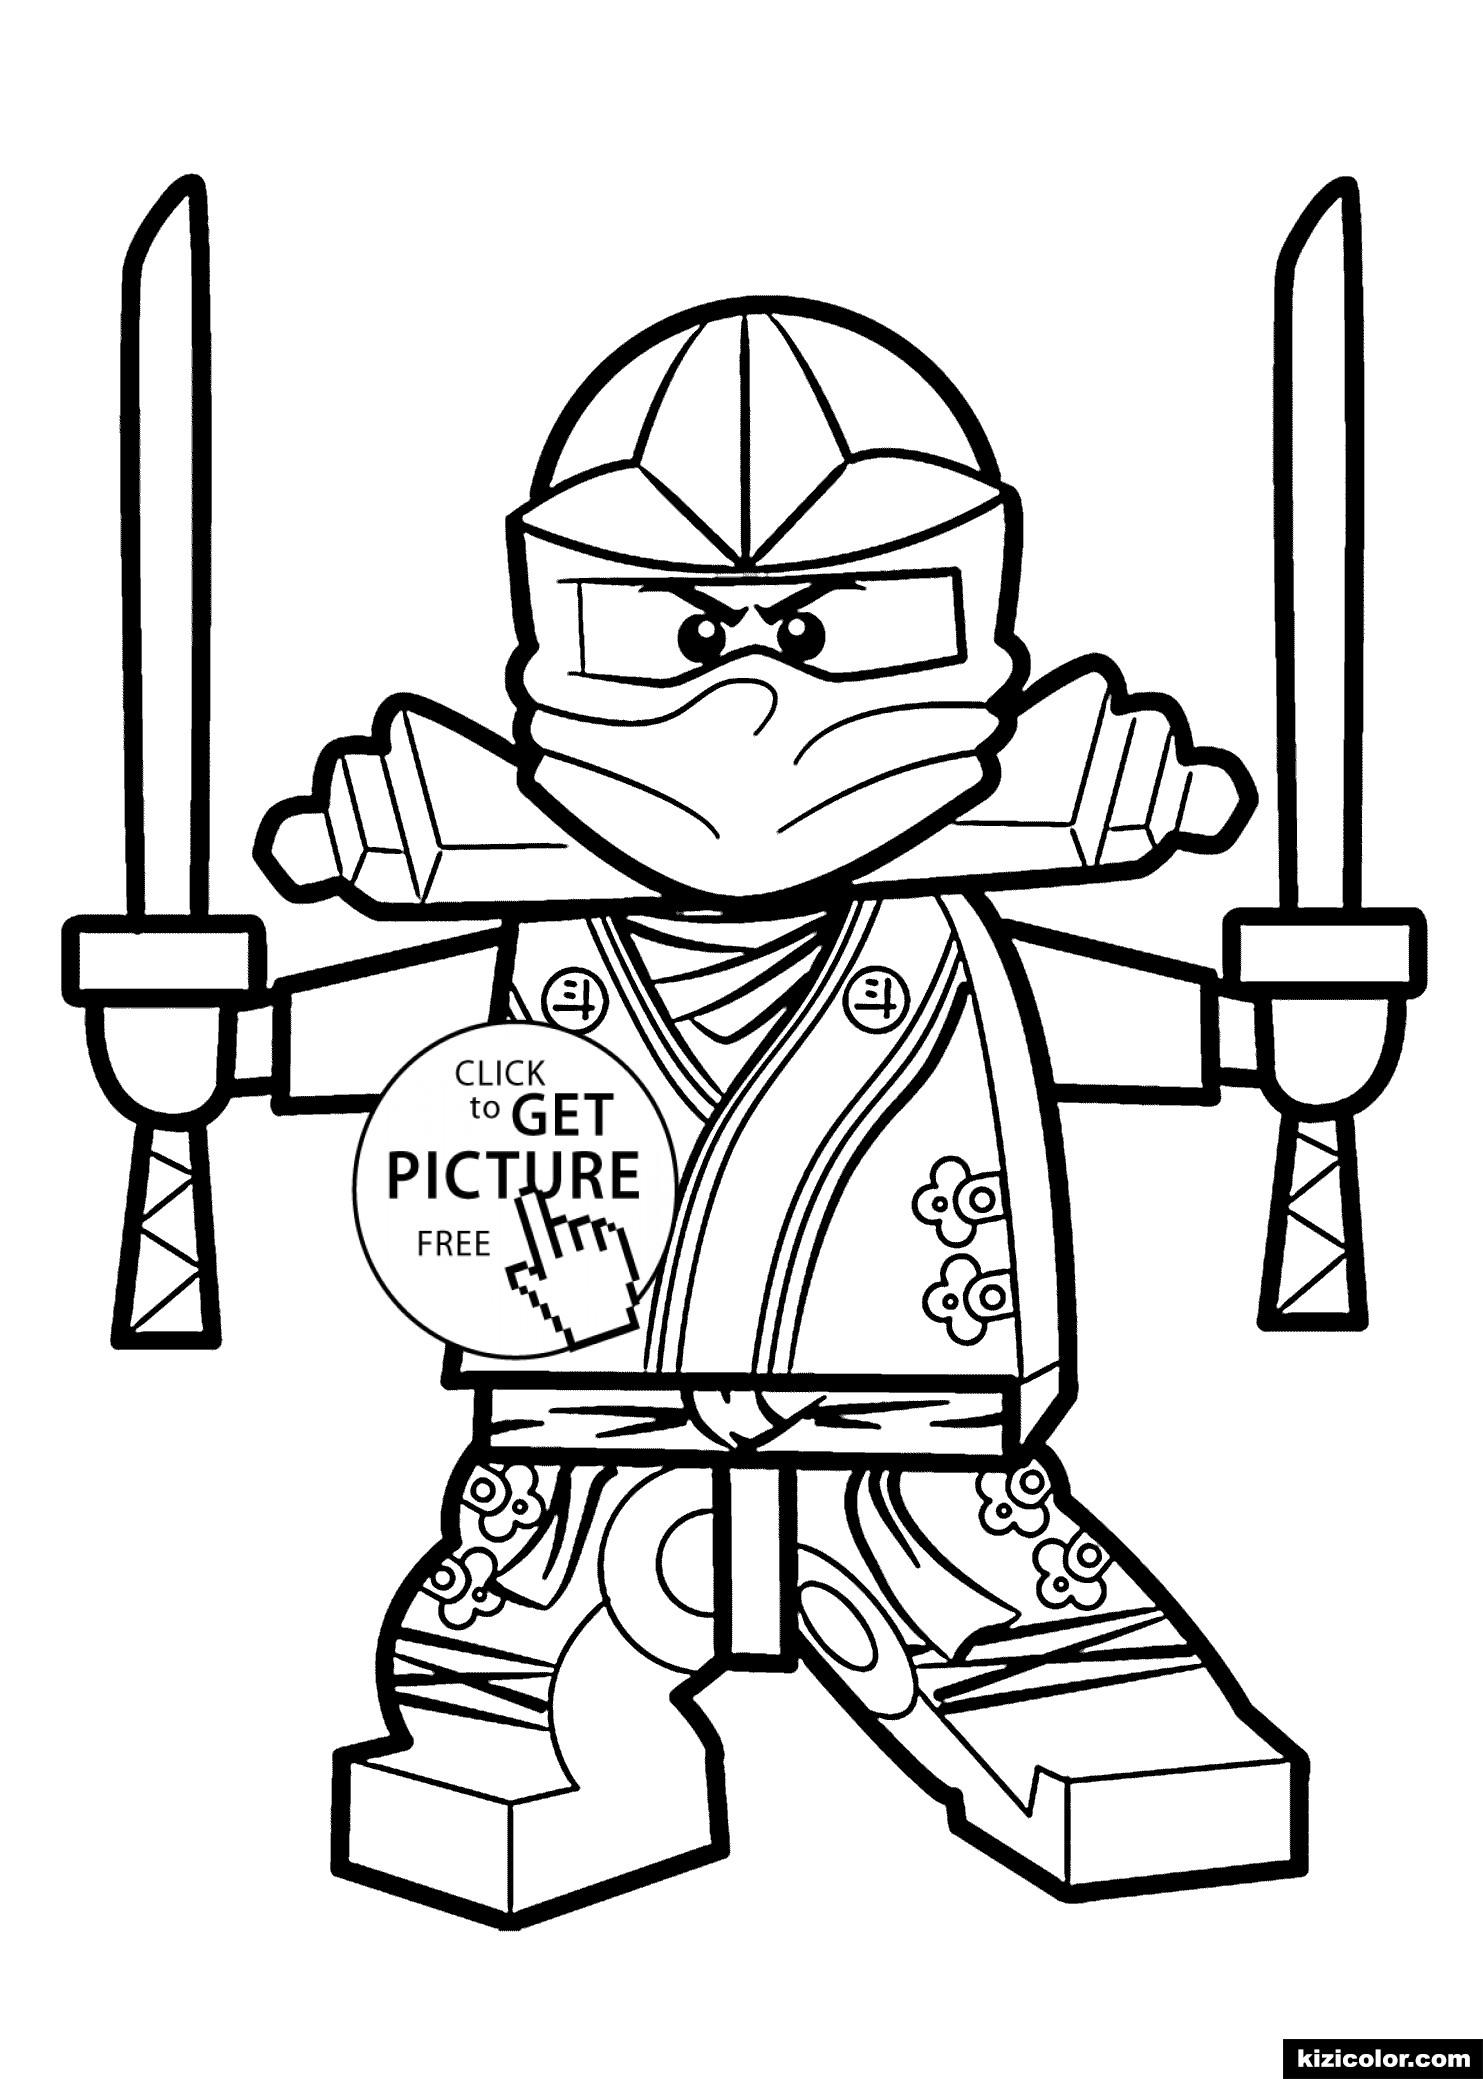 🎨 Ninjago Gruner Ninja - Ausmalbilder Kostenlos Zum Ausdrucken für Ninjago Ausmalbilder Kostenlos Drucken